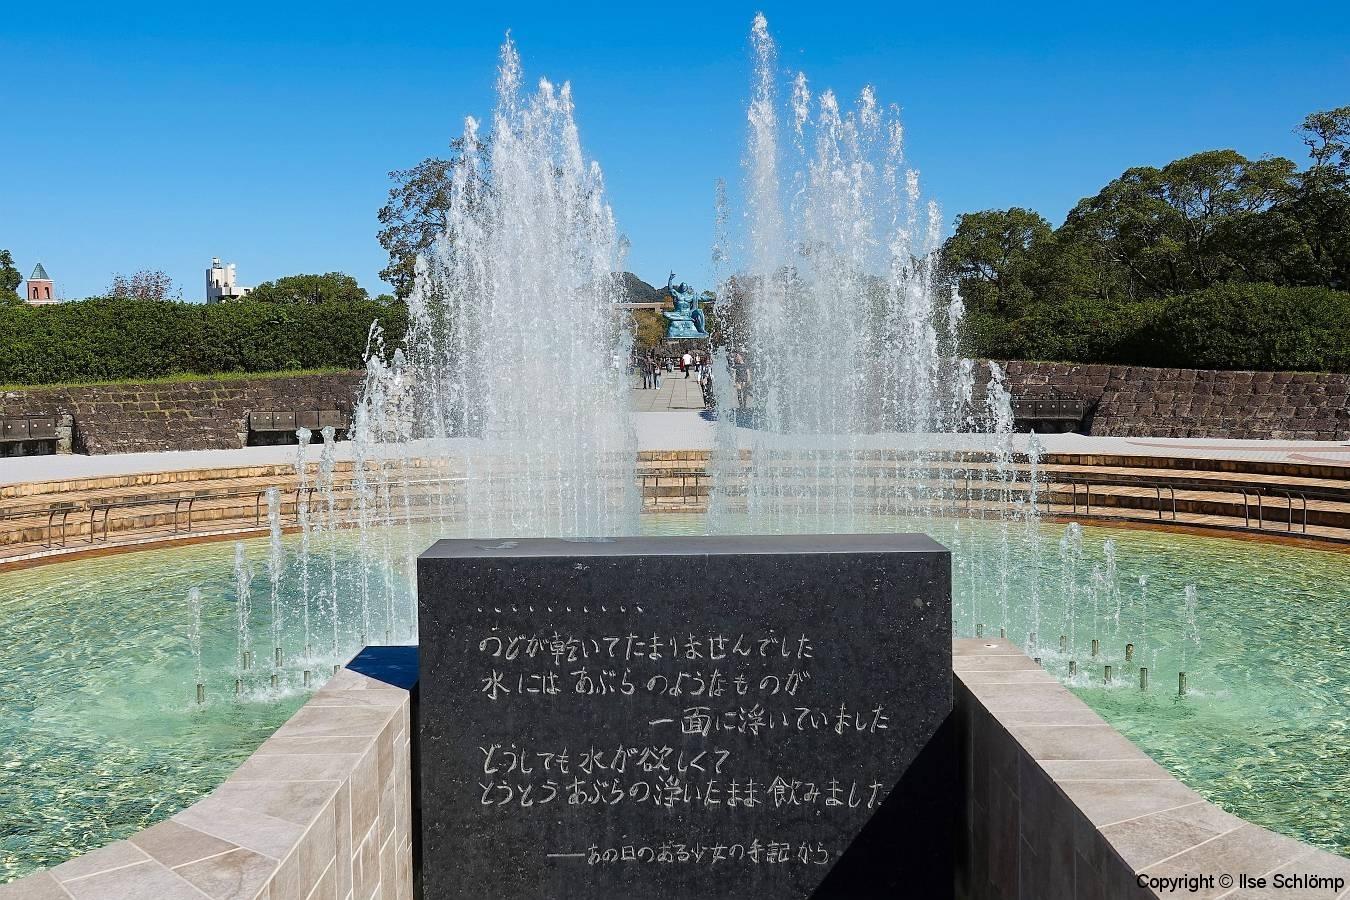 Japan, Nagasaki, Friedenspark, Fontäne des Friedens mit Blick auf die Friedensstatue